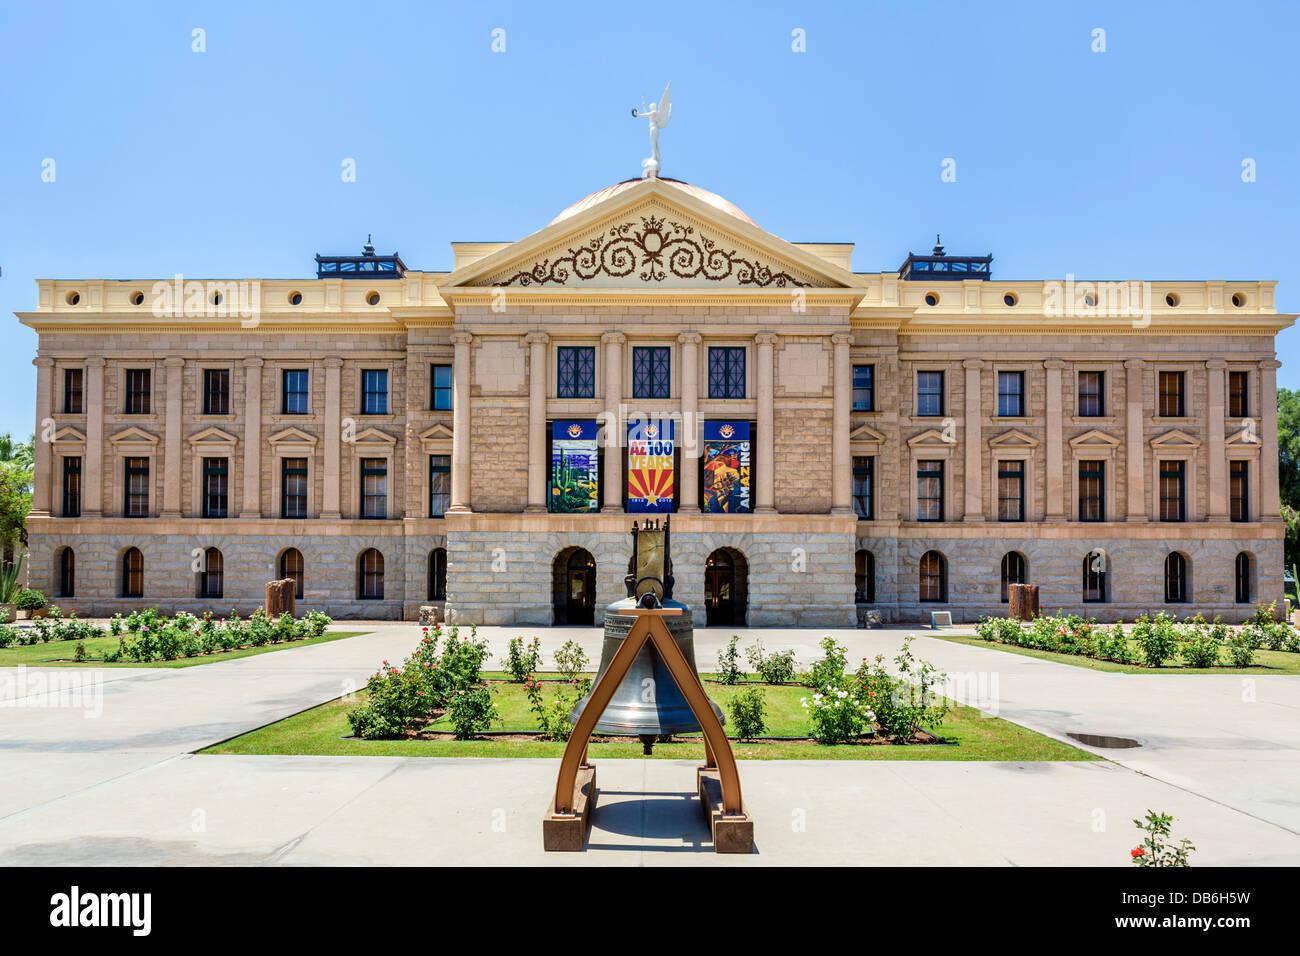 El edificio del Capitolio del Estado de Arizona, Phoenix, Arizona, EE.UU. Imagen De Stock